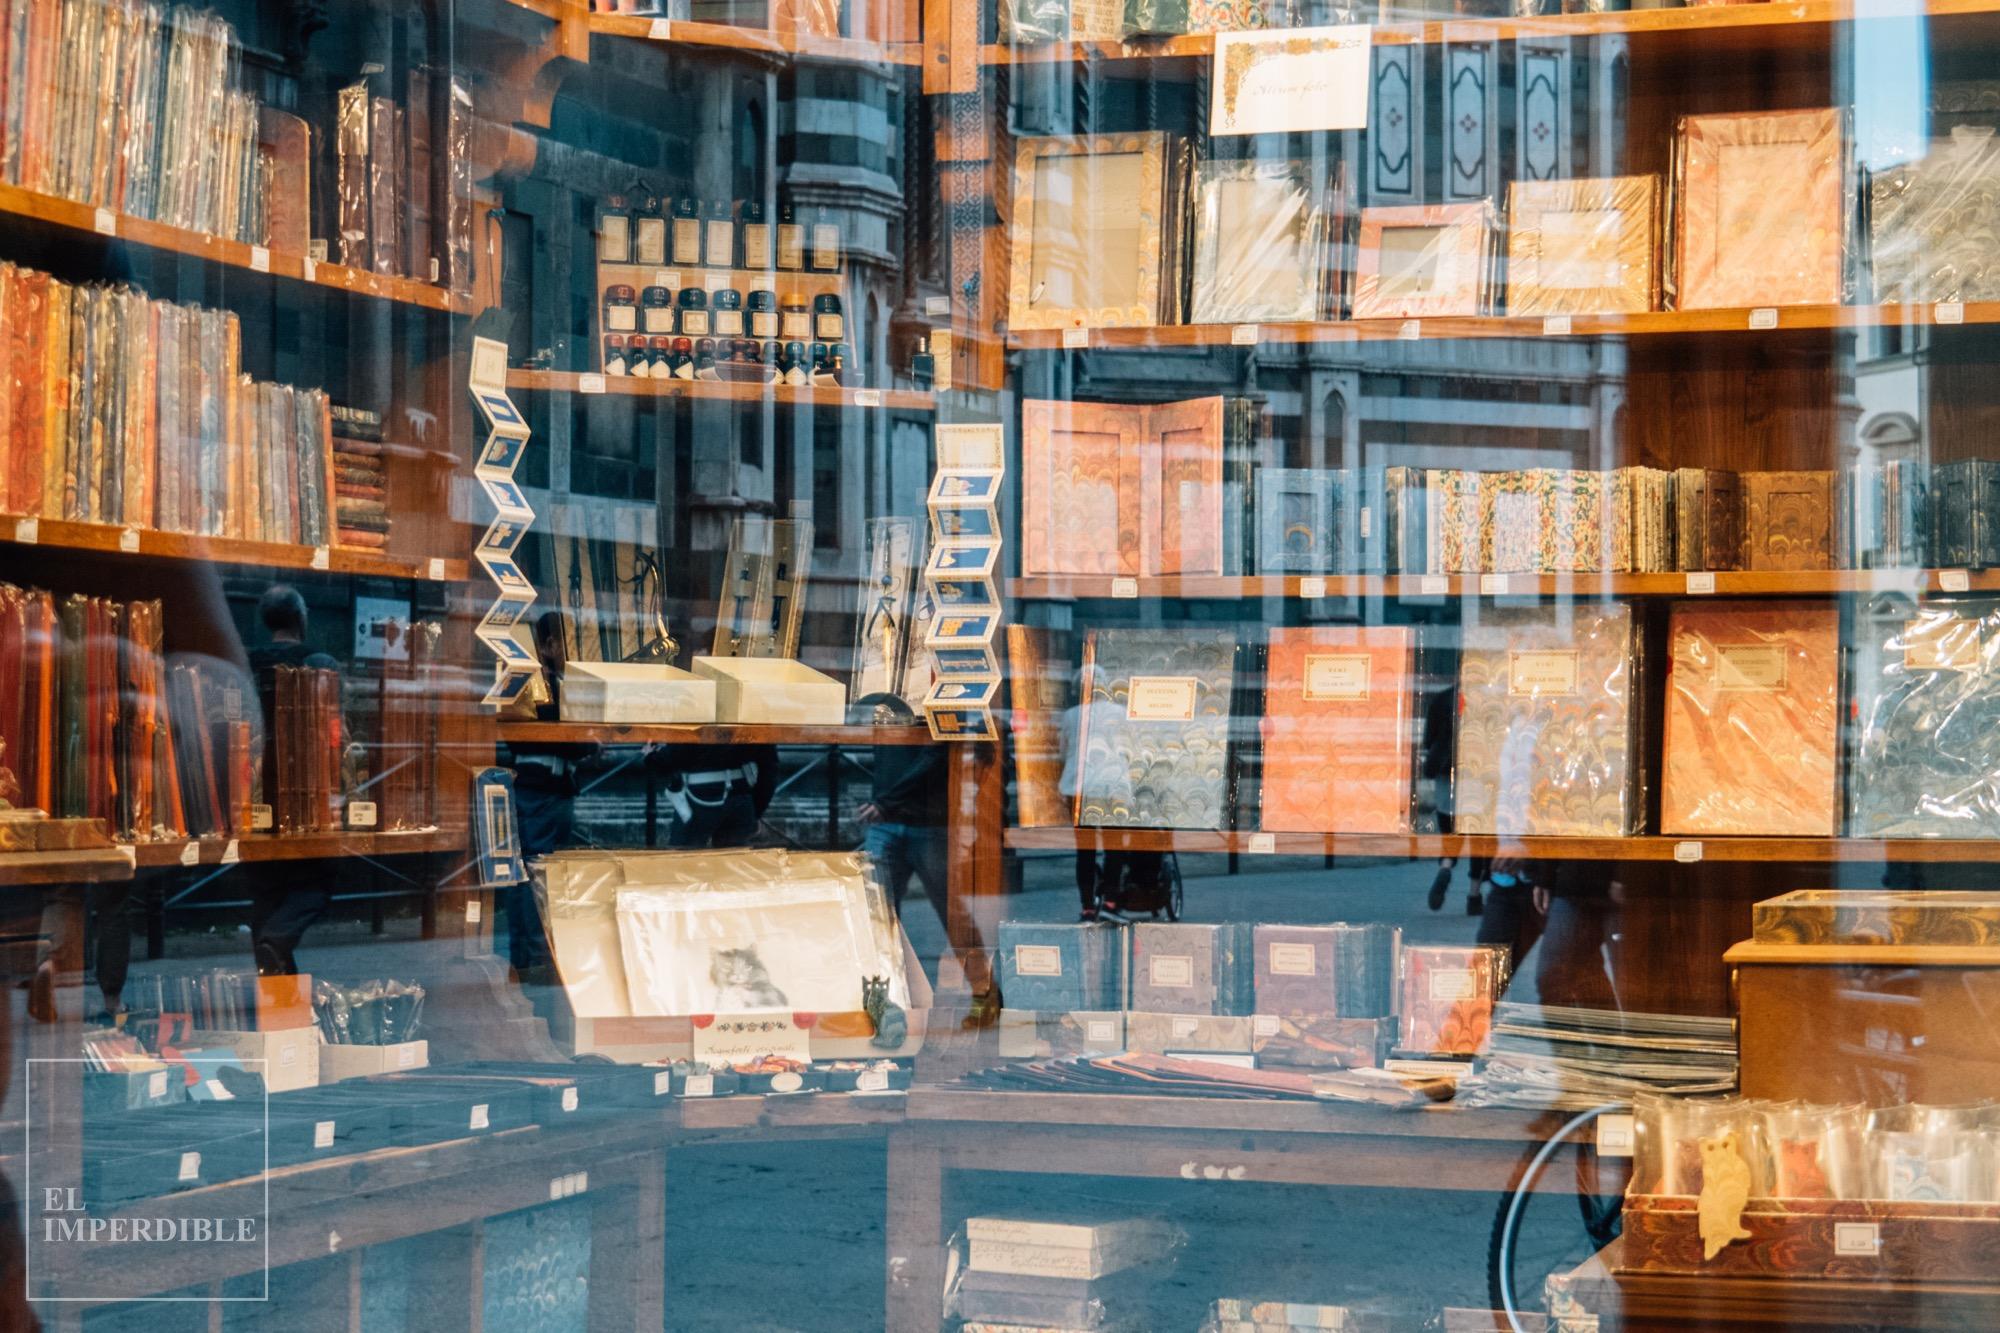 Las mejores tiendas para ir de compras por Florencia Il Papiro papelería